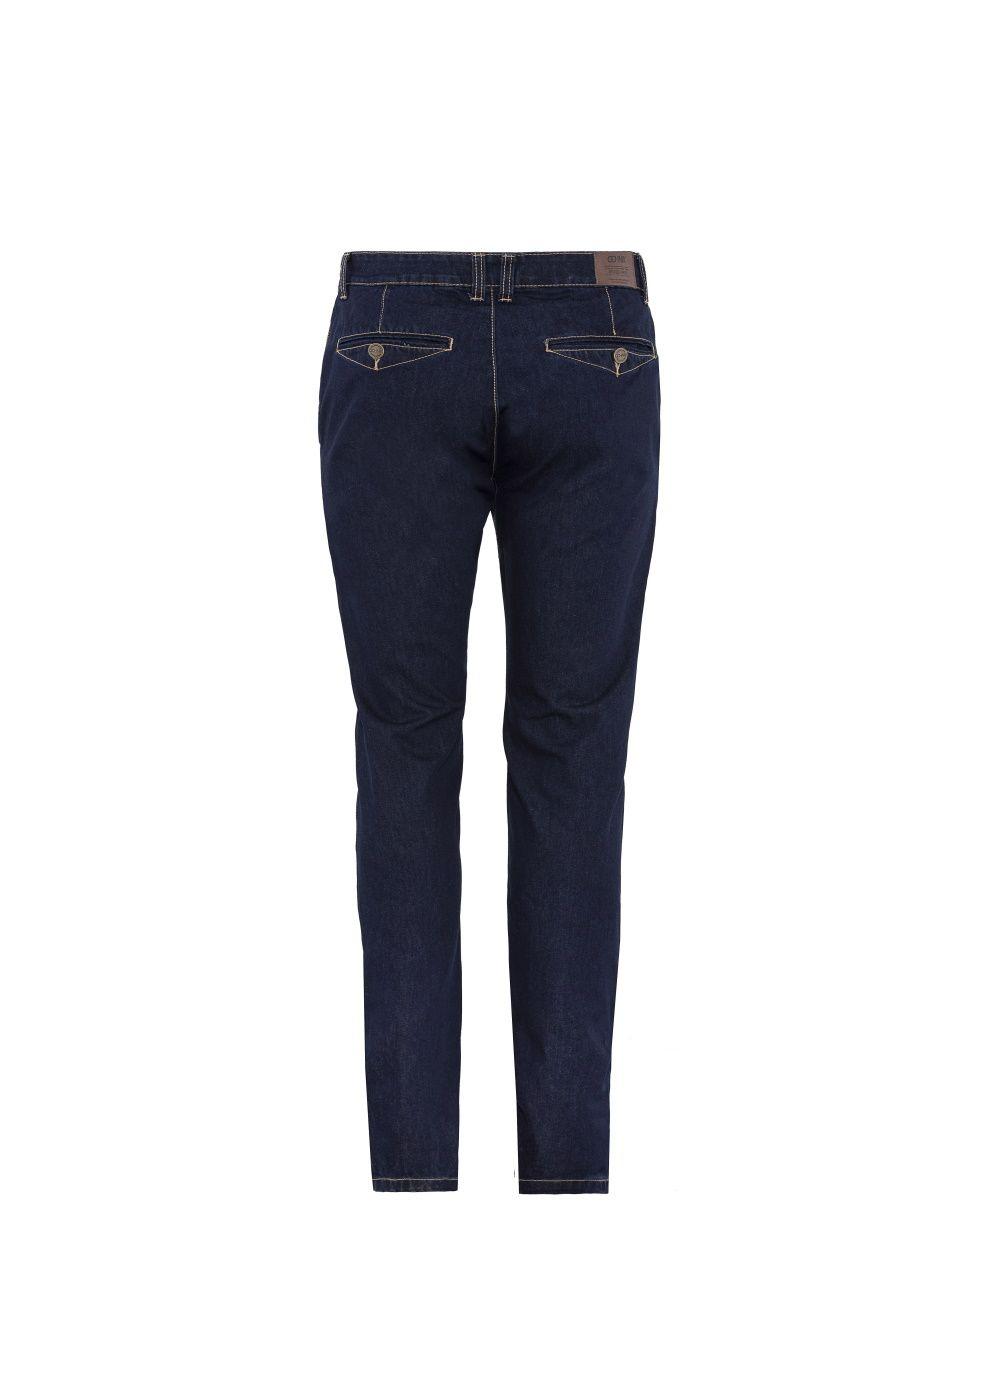 Spodnie męskie JEAMT-0009-69(W20)